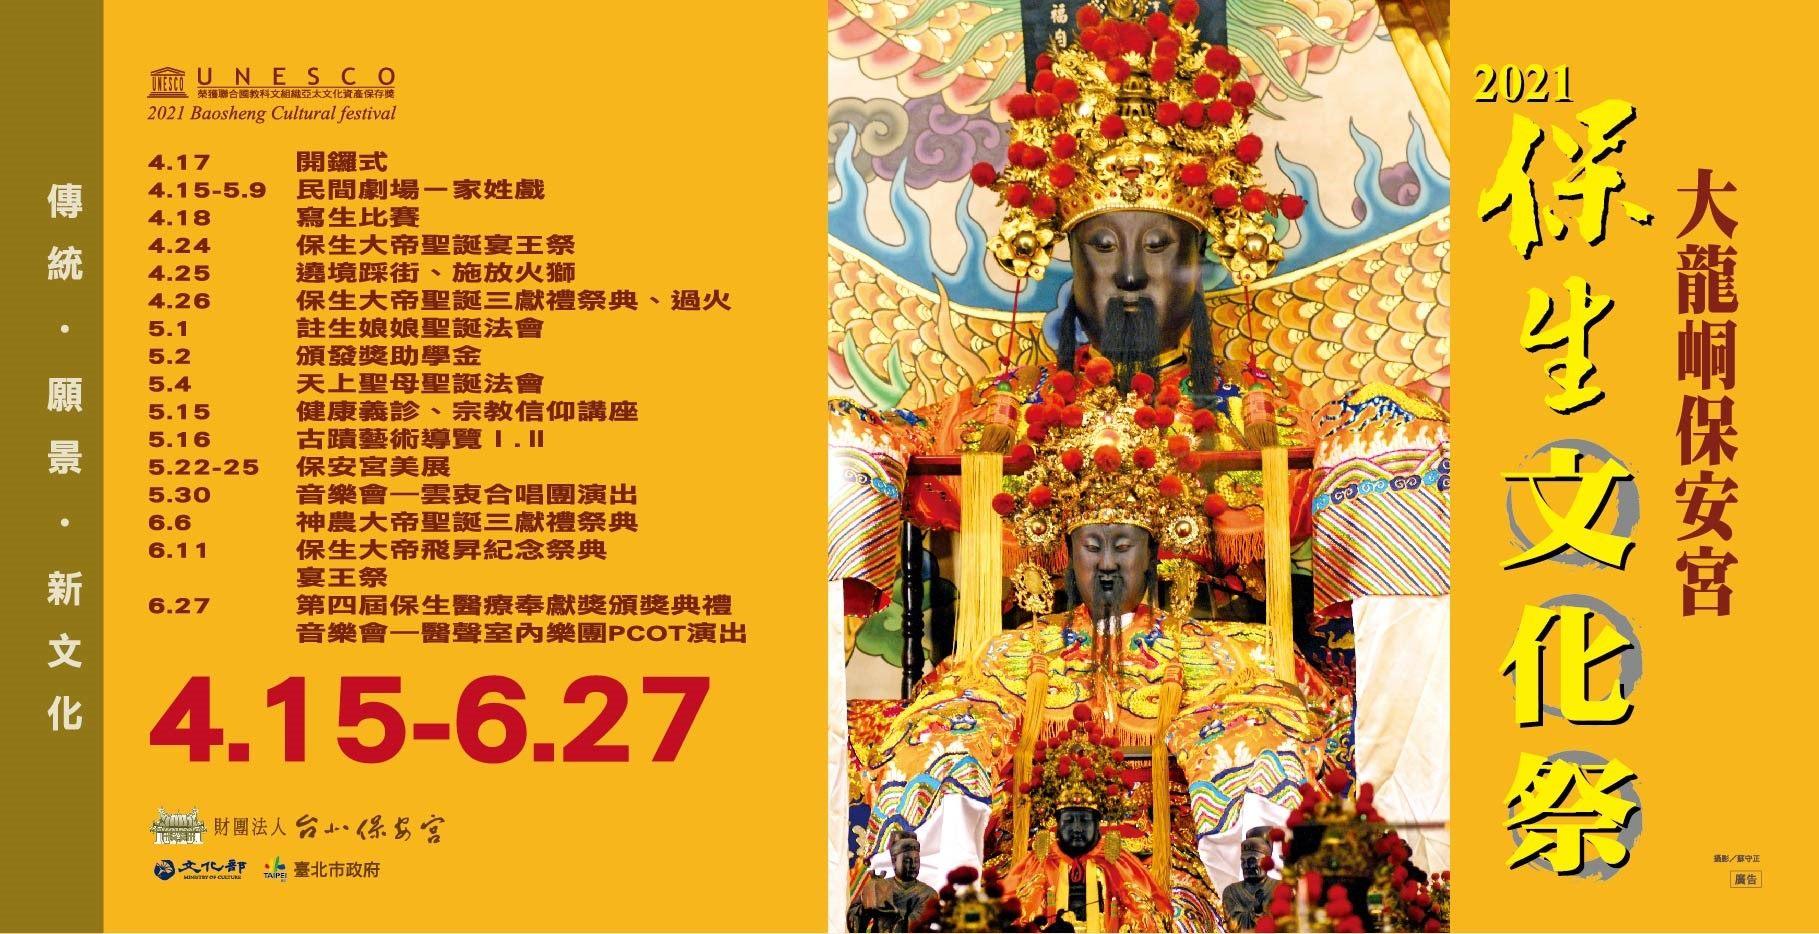 保生文化祭活動表